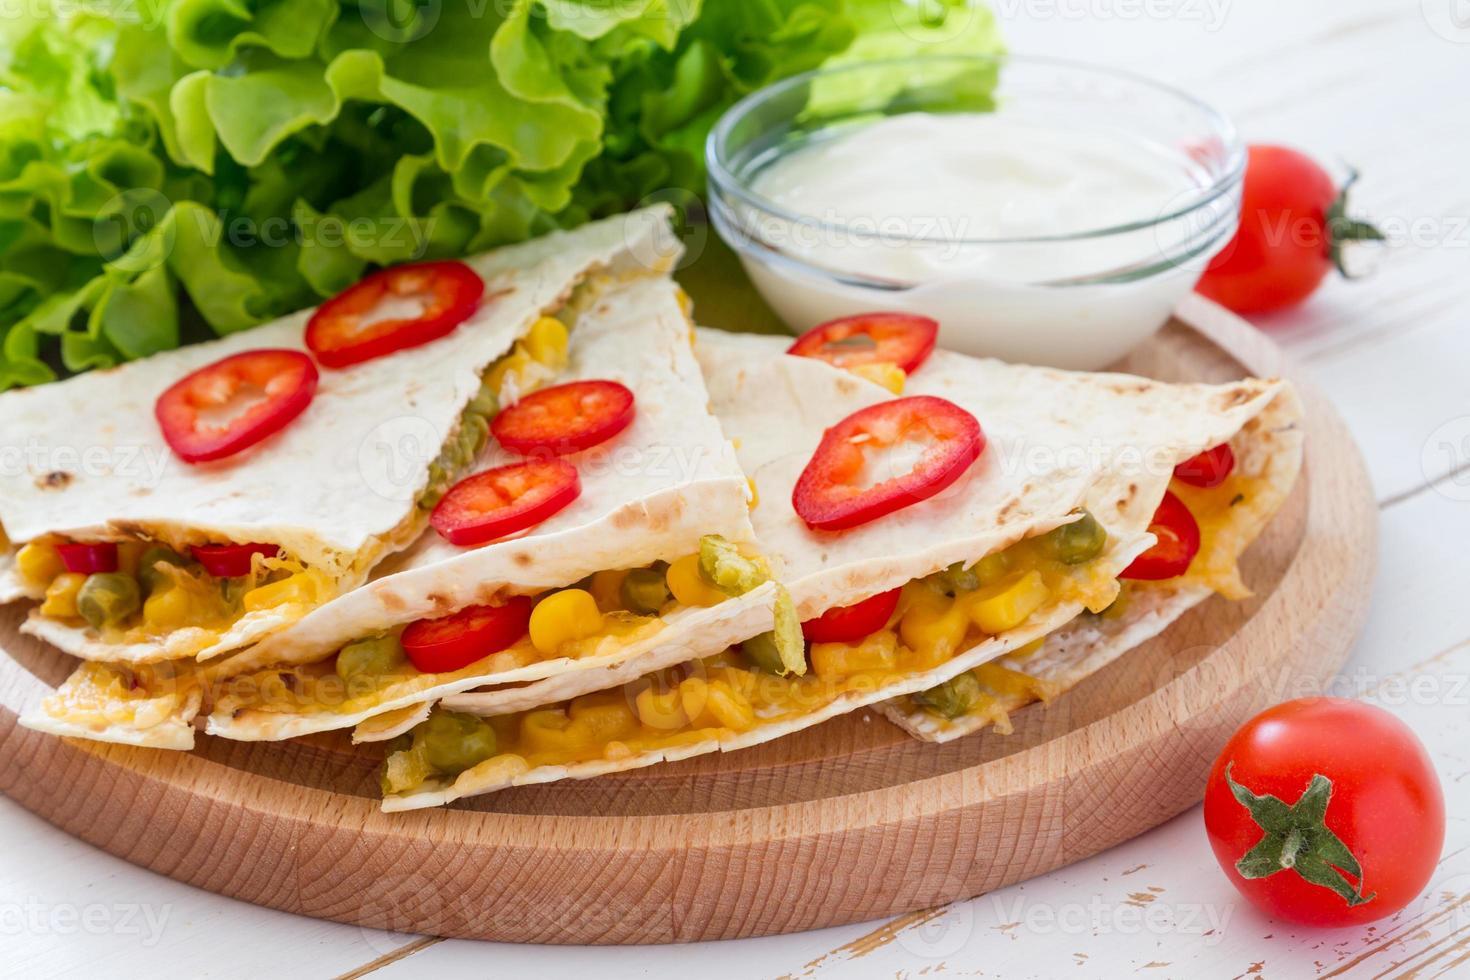 Mexicaanse quesadilla segmenten geserveerd op een houten bord met yoghurtsaus foto